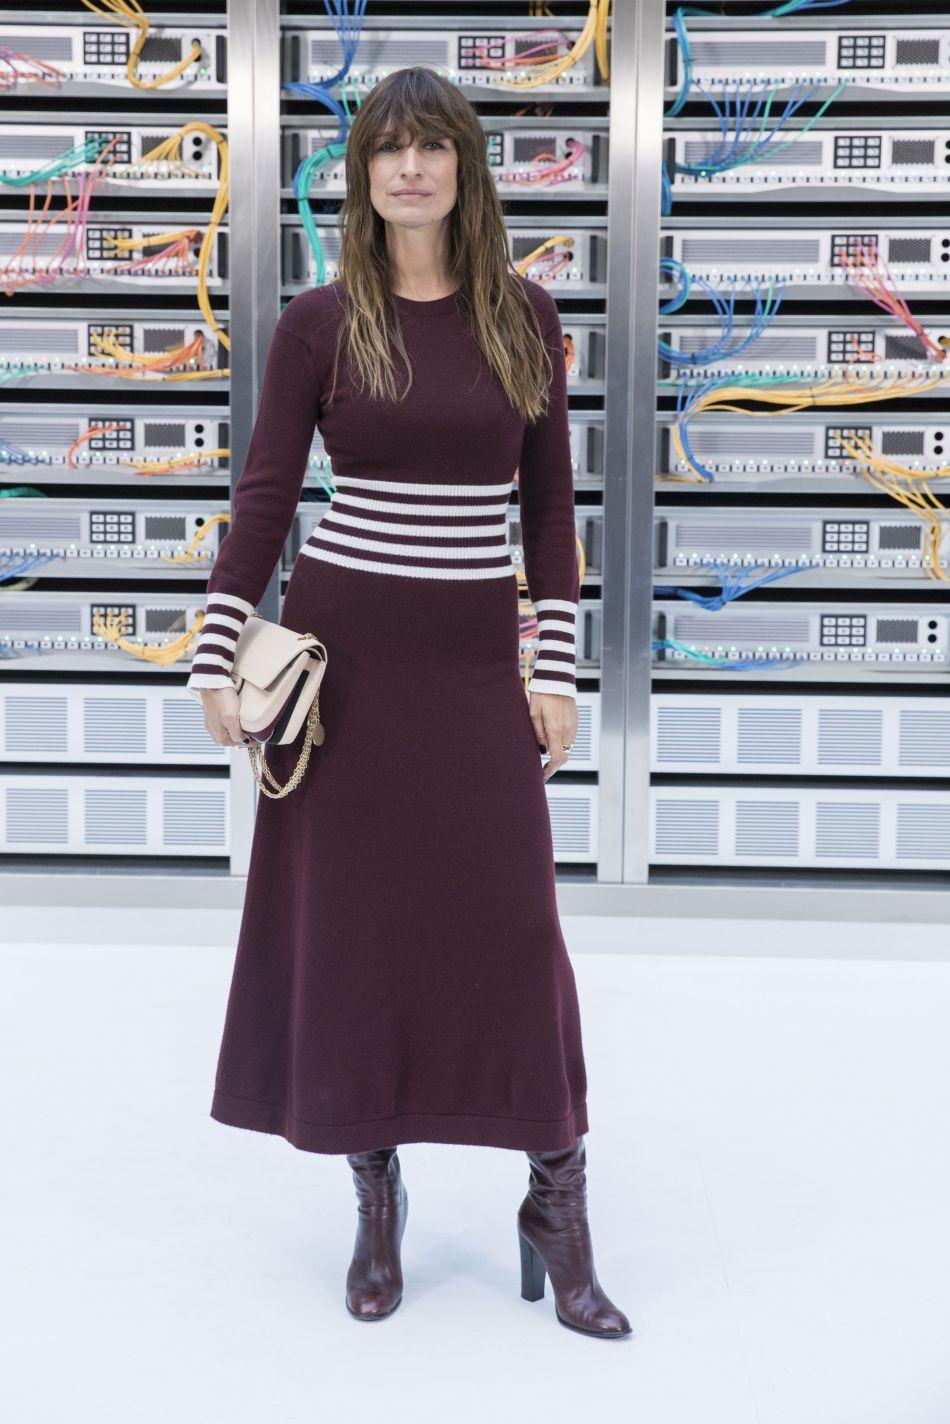 Chanel printemps-été 2017 : Caroline de Maigret opte pour le bordeaux, couleur de la saison.